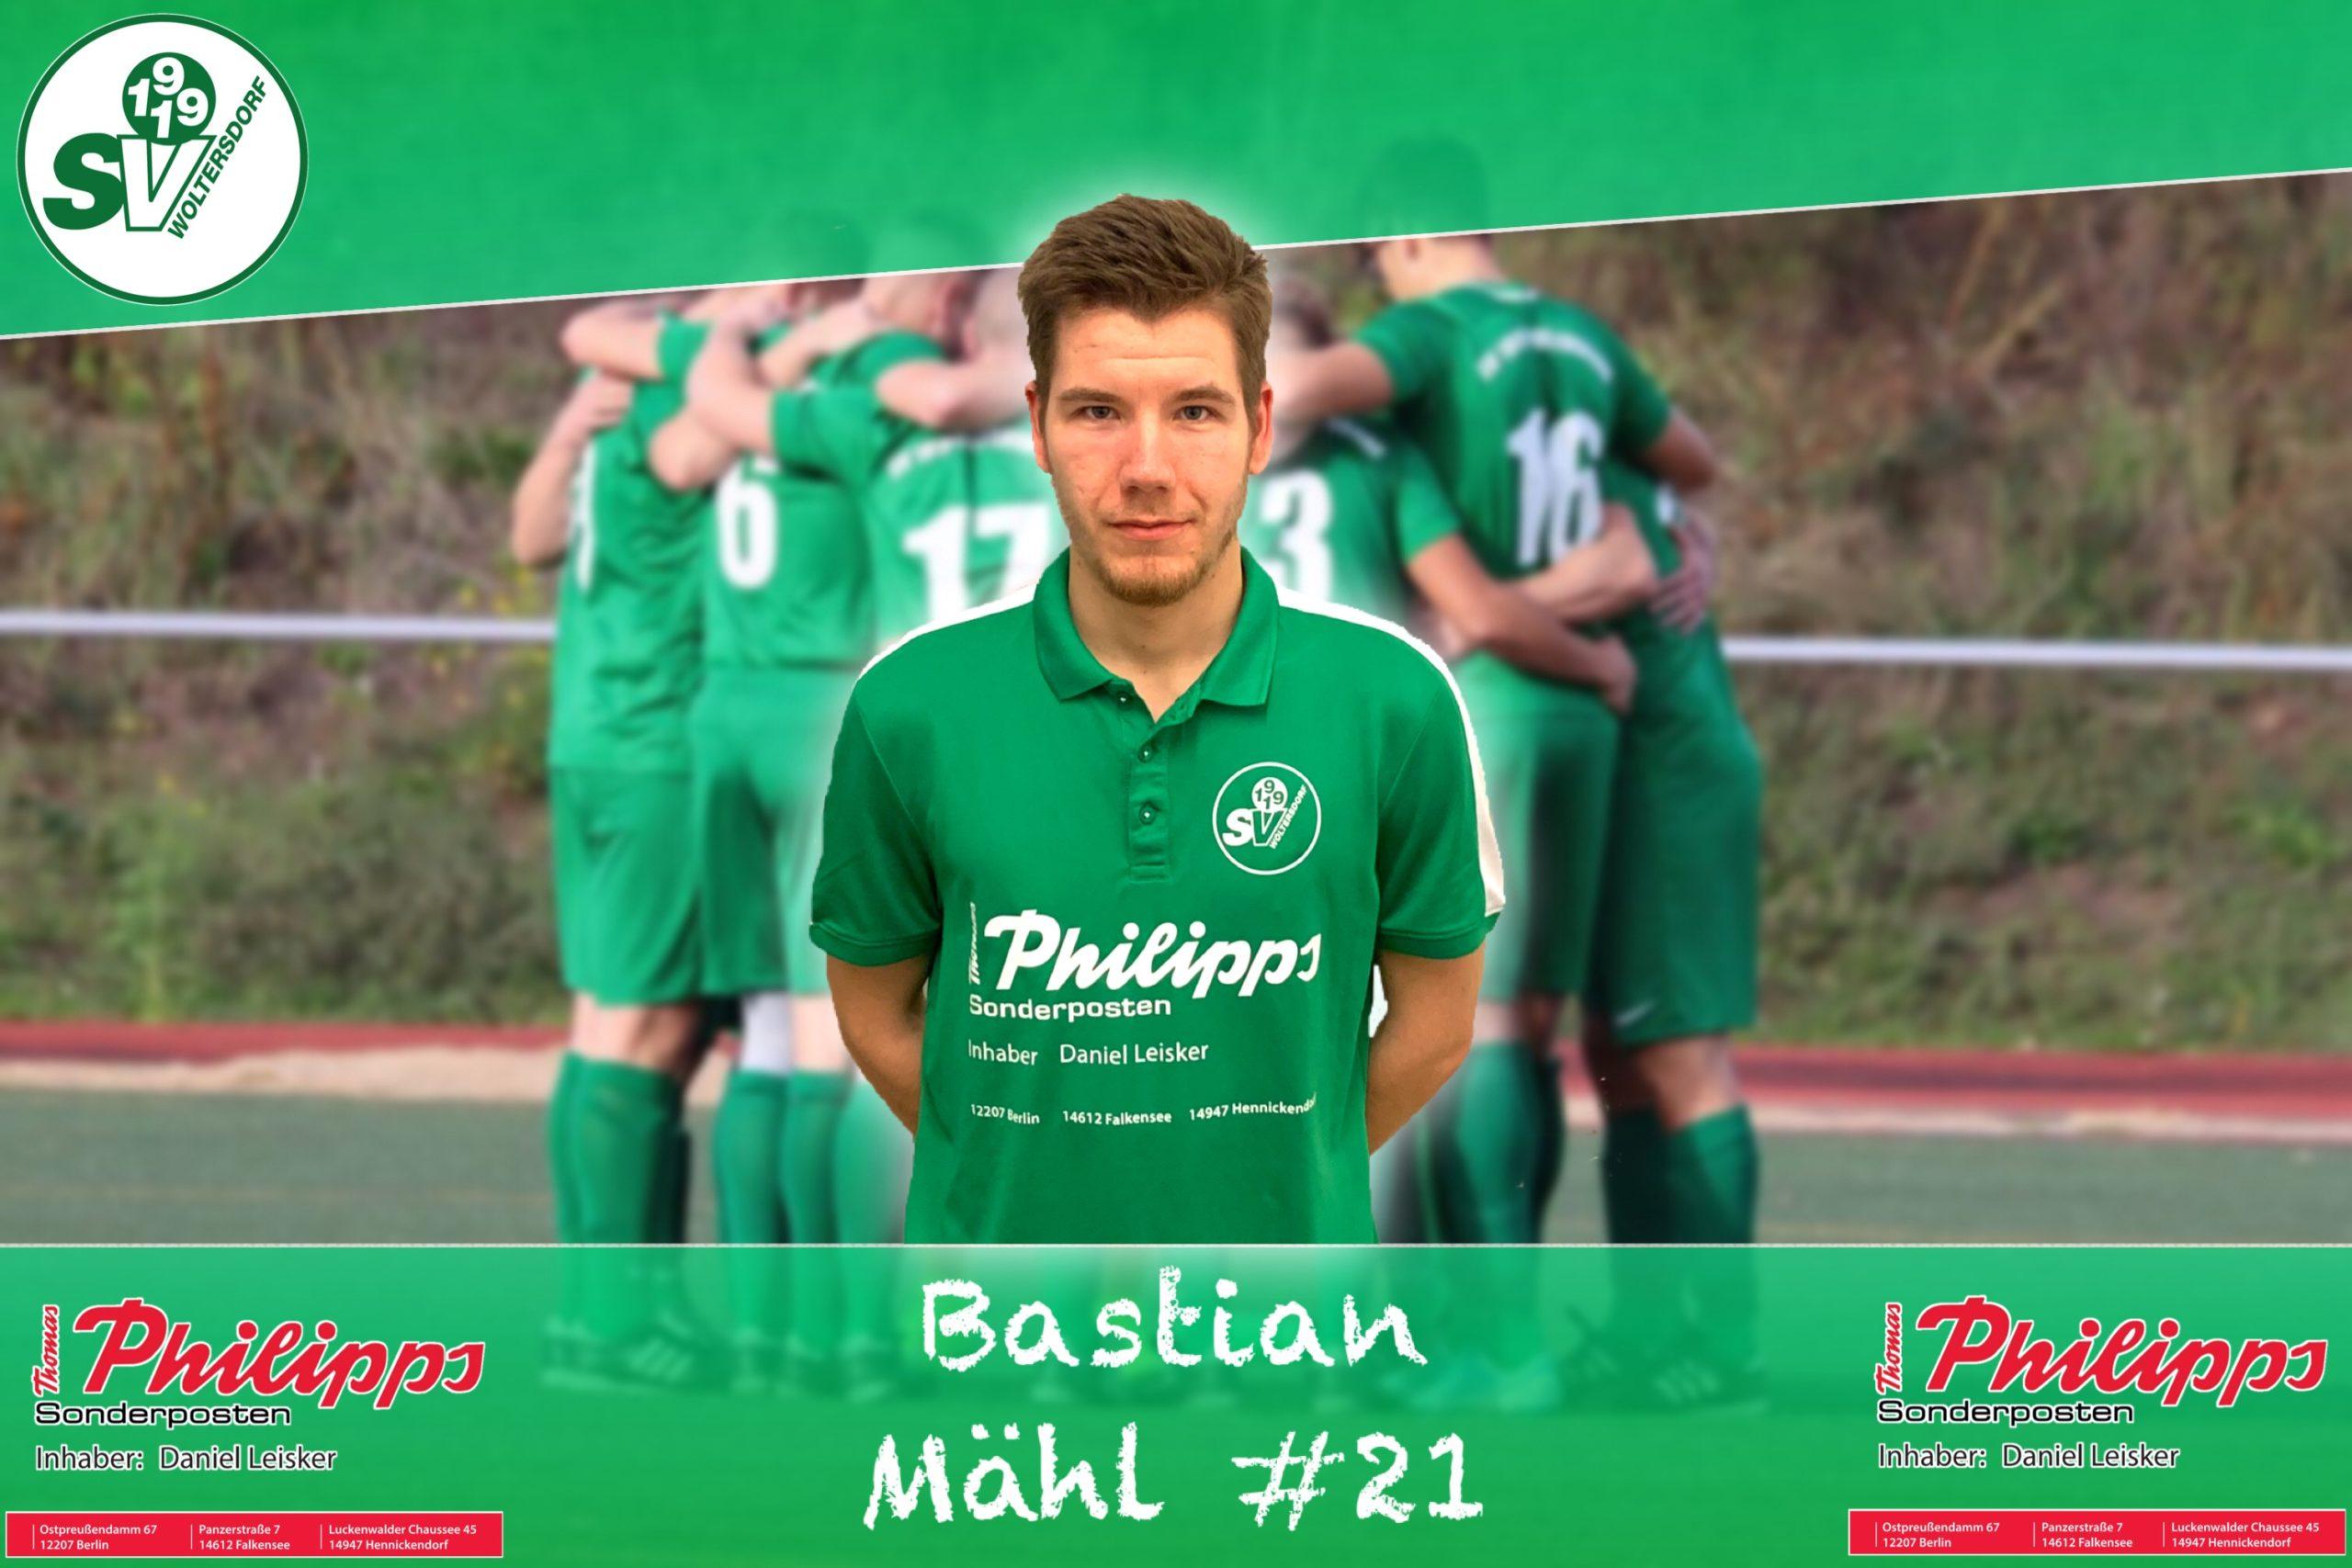 Bastian Mähl